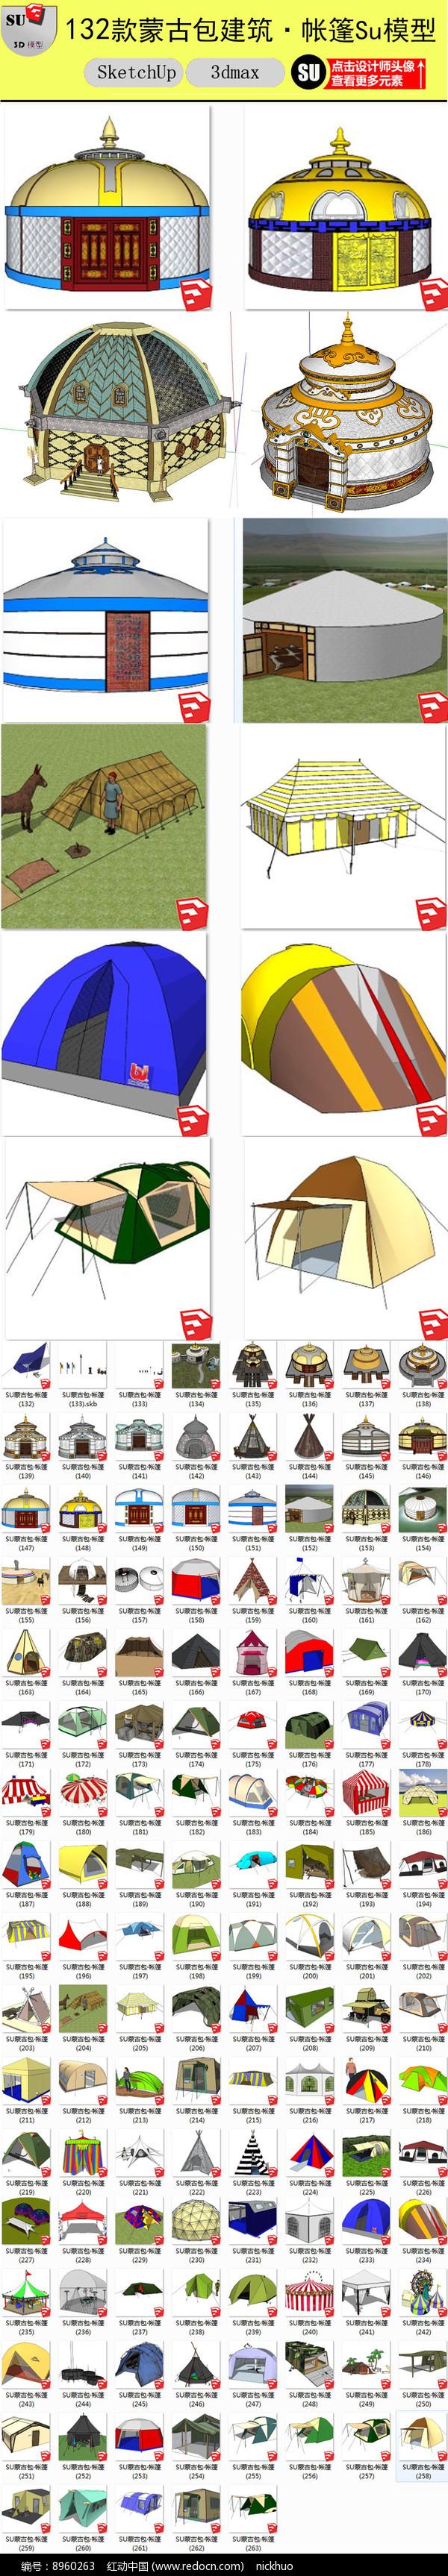 帐篷蒙古包建筑SU模型图片